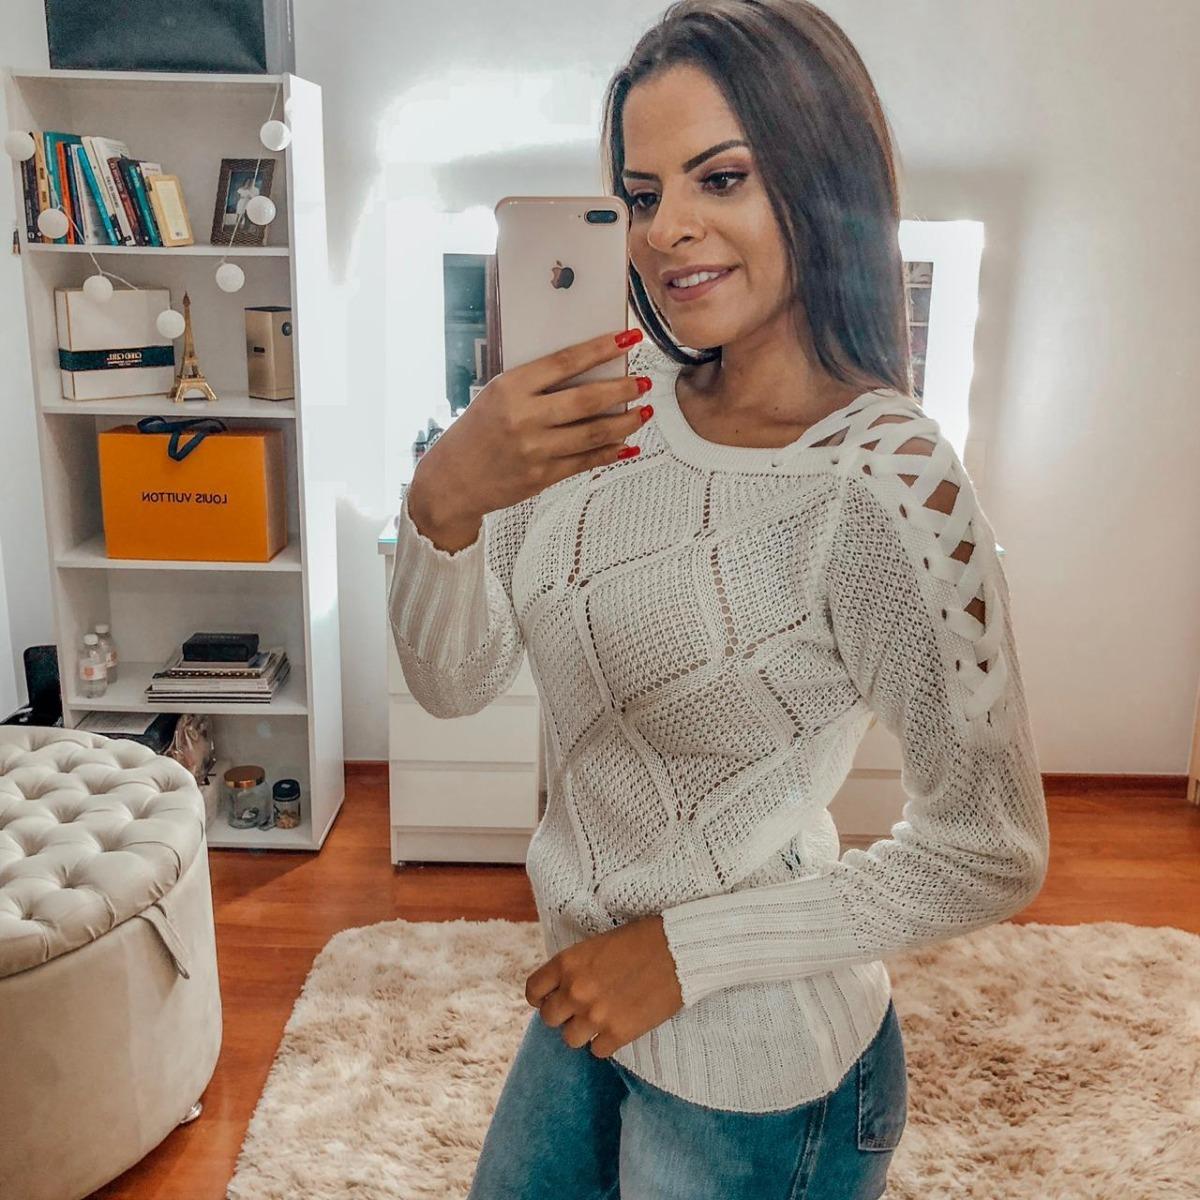 6bfa206a23 blusa feminina tricot quentinha outono inverno 2019  aj. Carregando zoom.